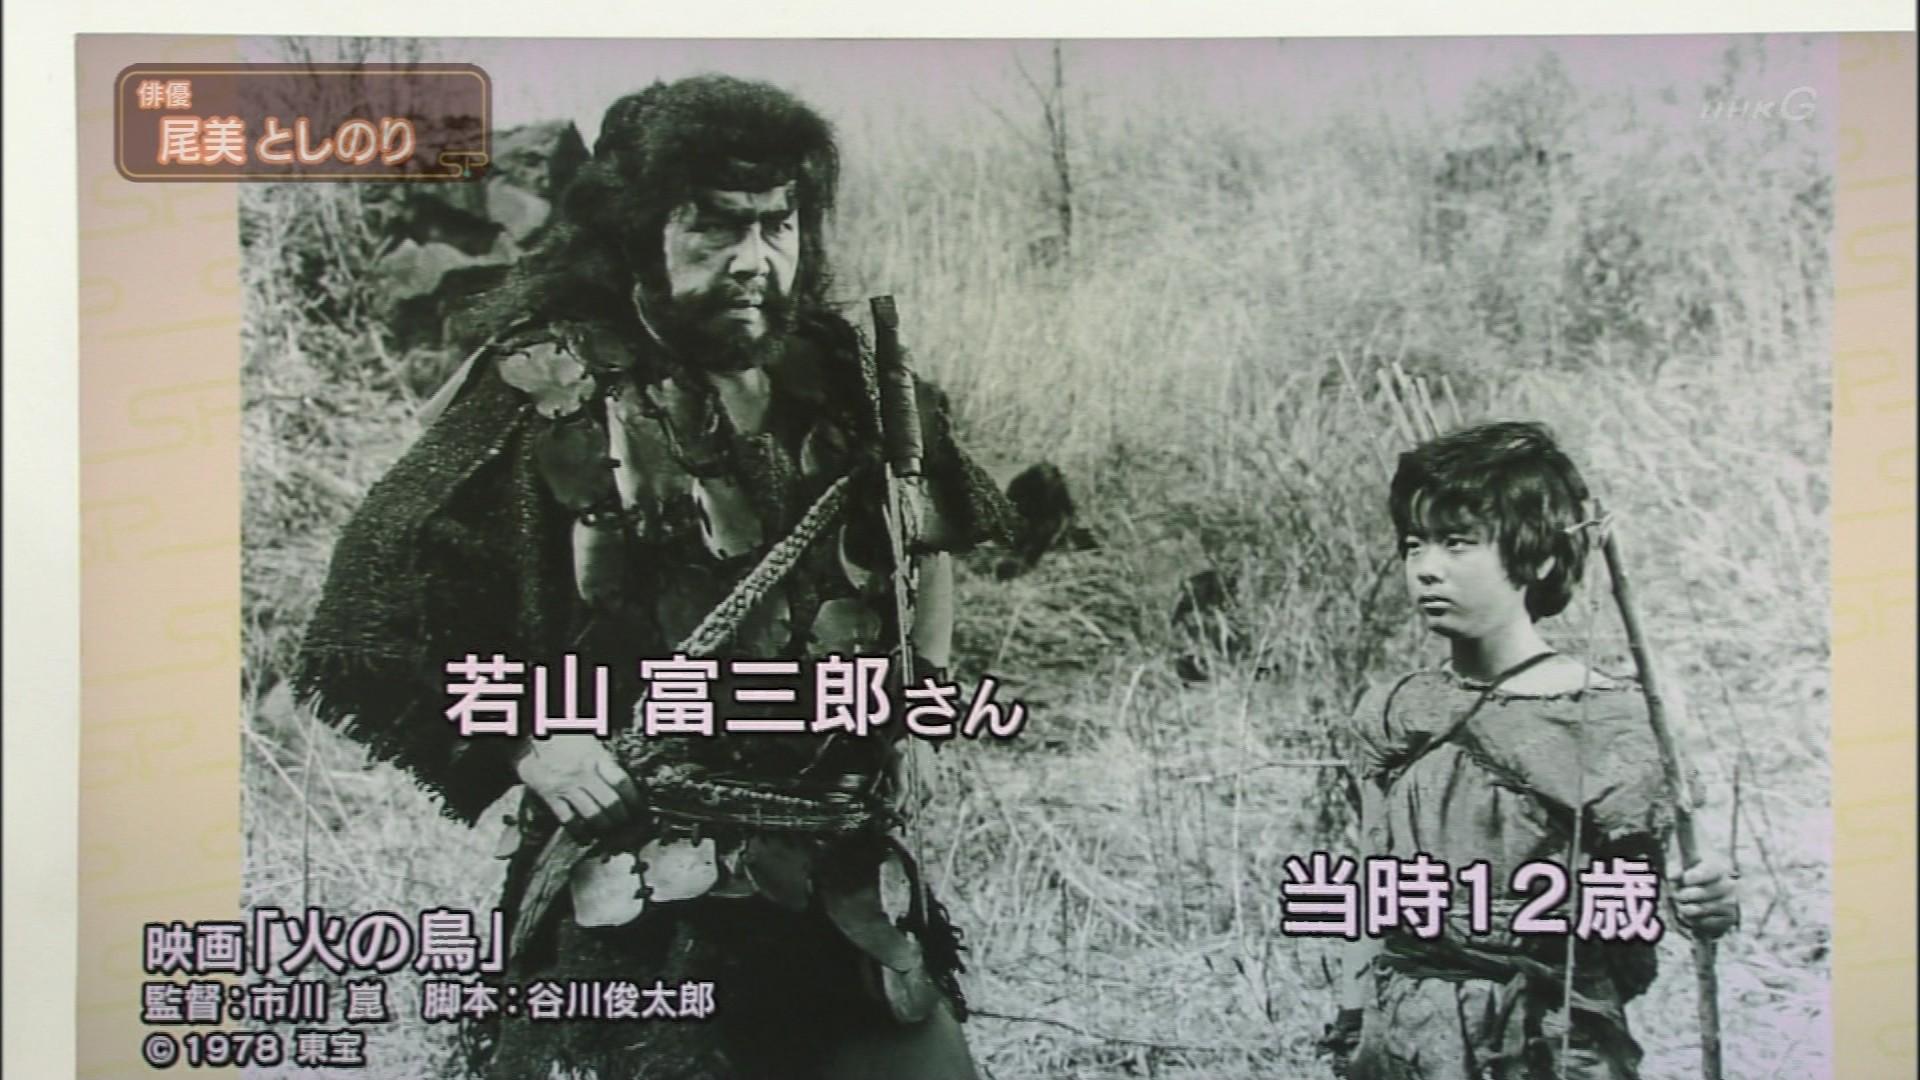 草刈正雄さんのプロフィール・子供の頃・ハーフ? …